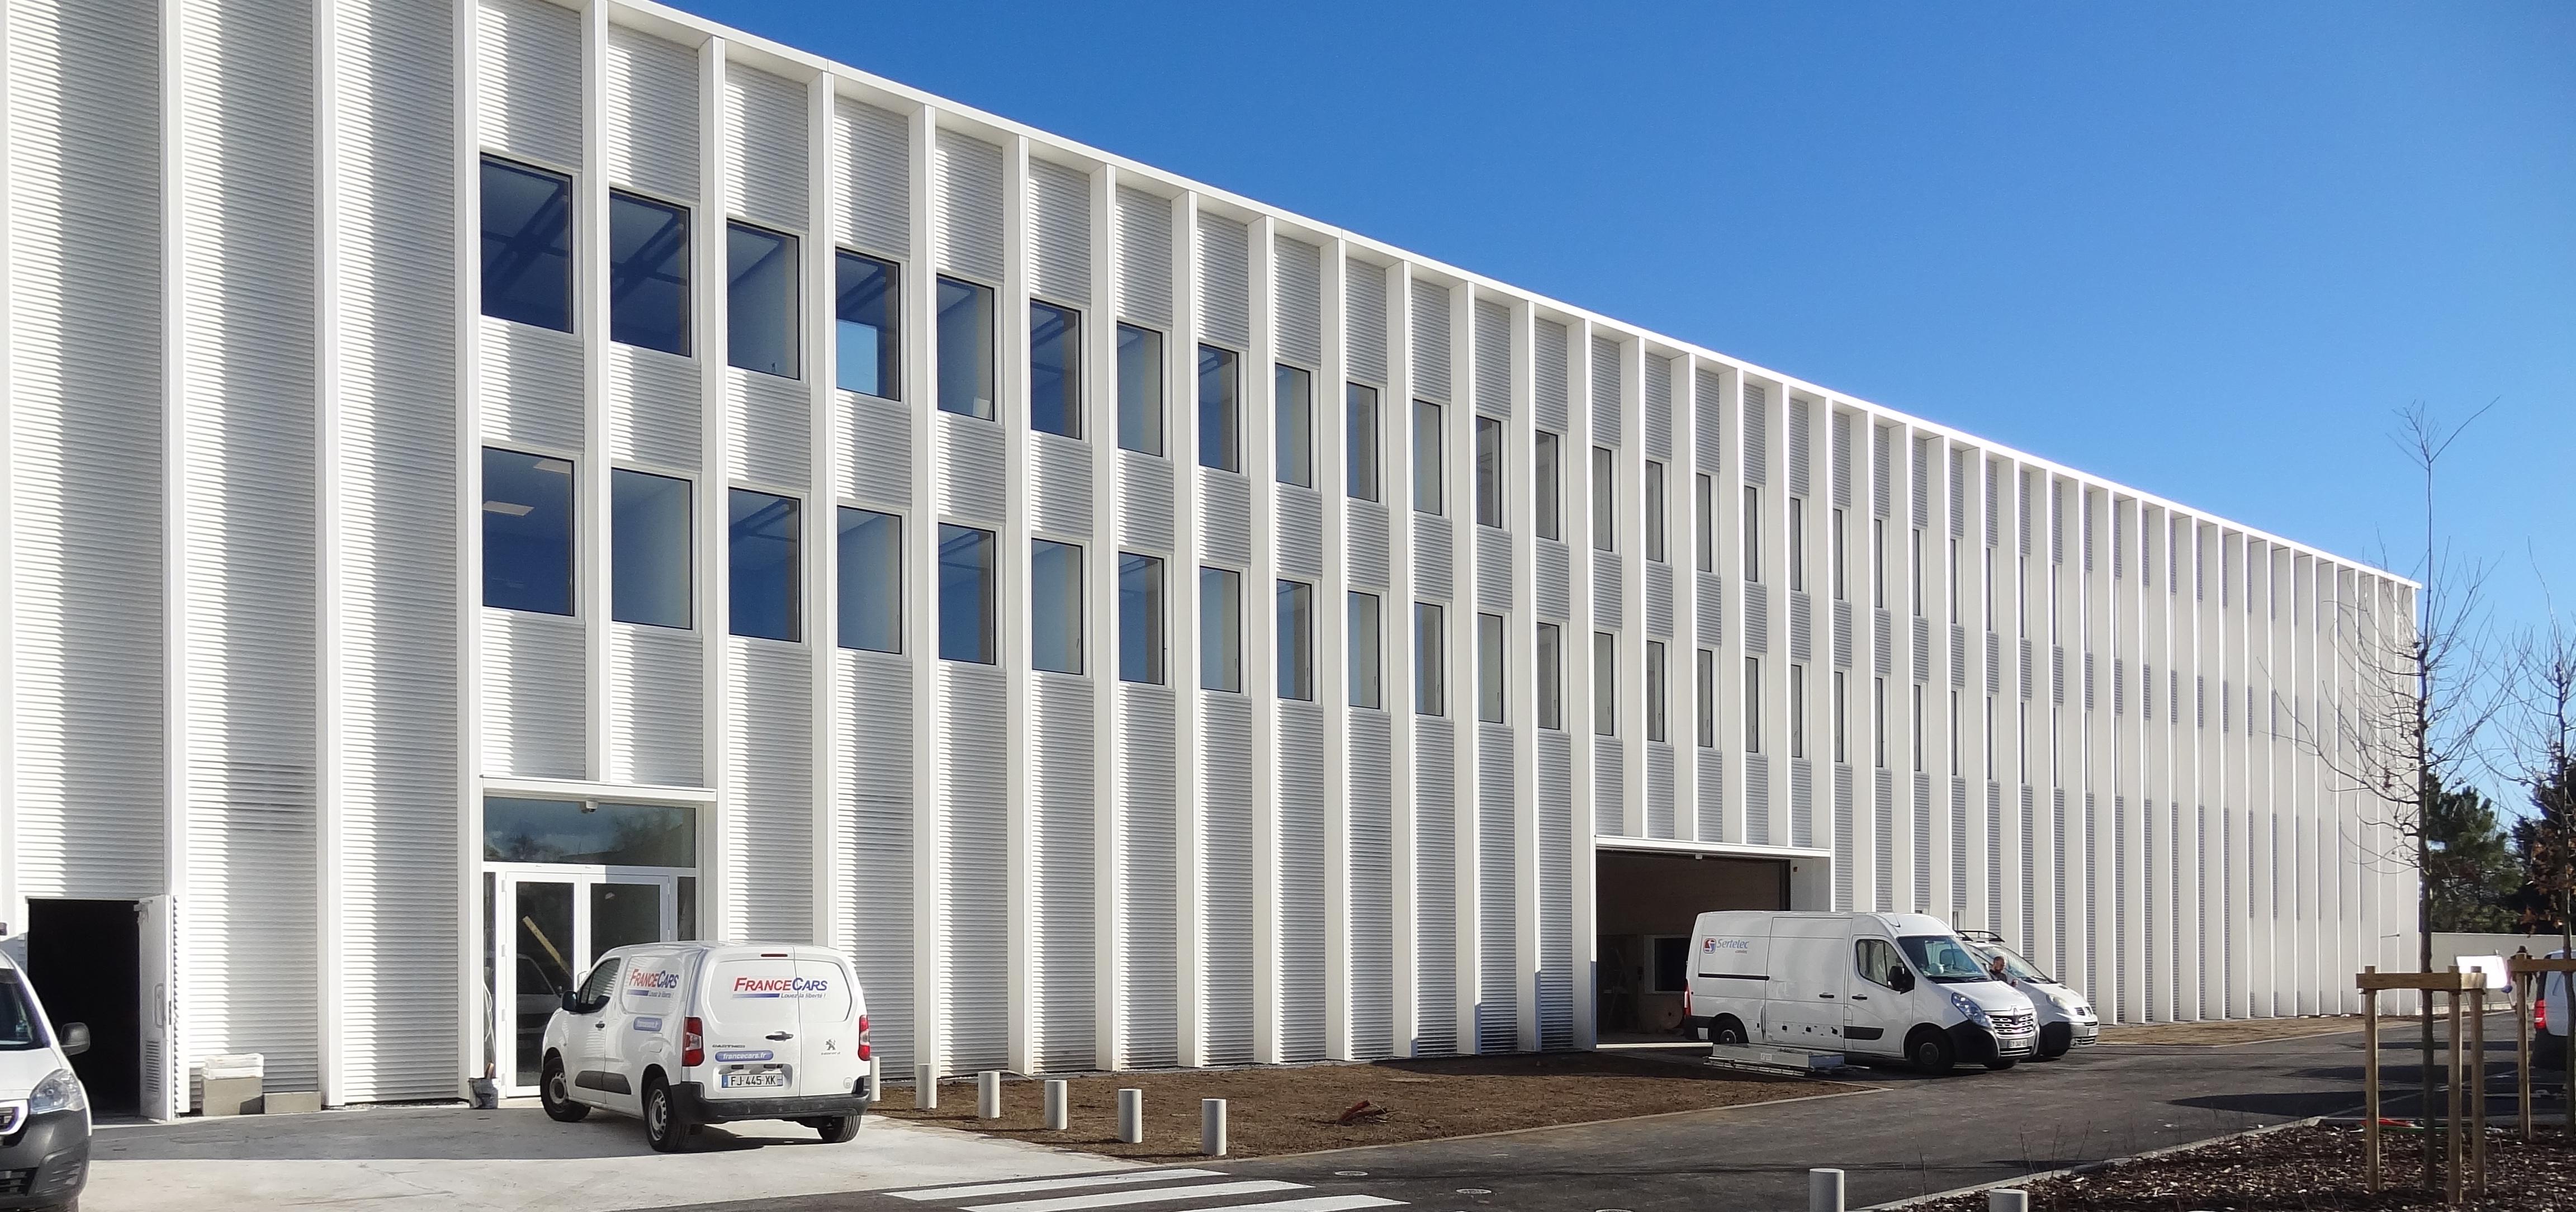 Acoba Assistance Maîtrise d'Ouvrage : Les treavaux du Palais de justice de Mont-de-Marsan touchent à leur fin - 3